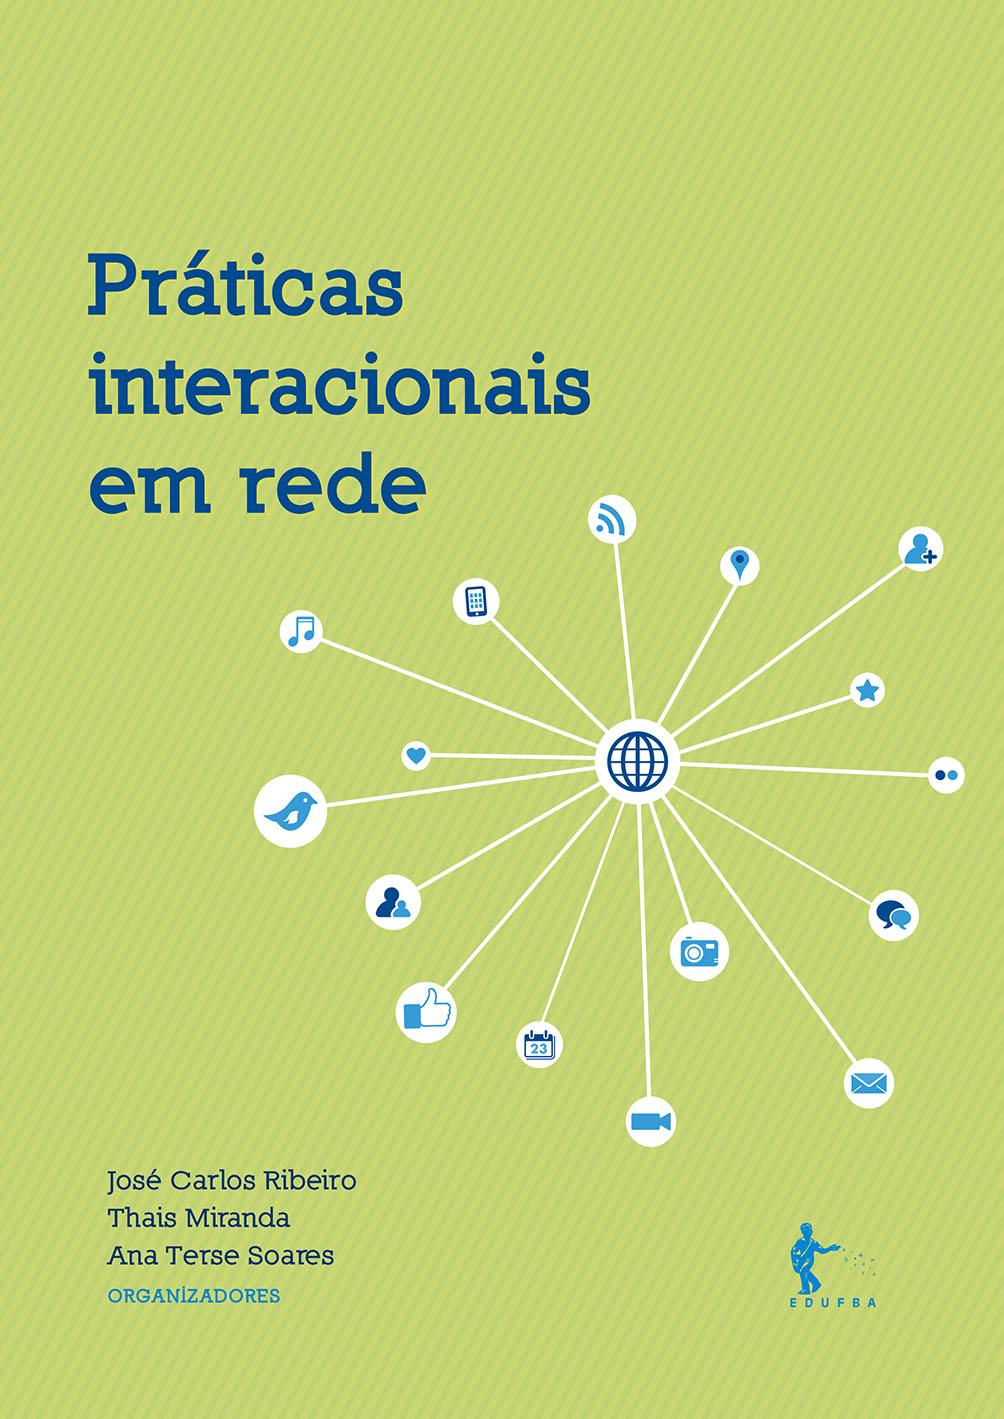 PRÁTICAS INTERACIONAIS EM REDE NO LANÇAMENTO COLETIVO DA EDUFBA